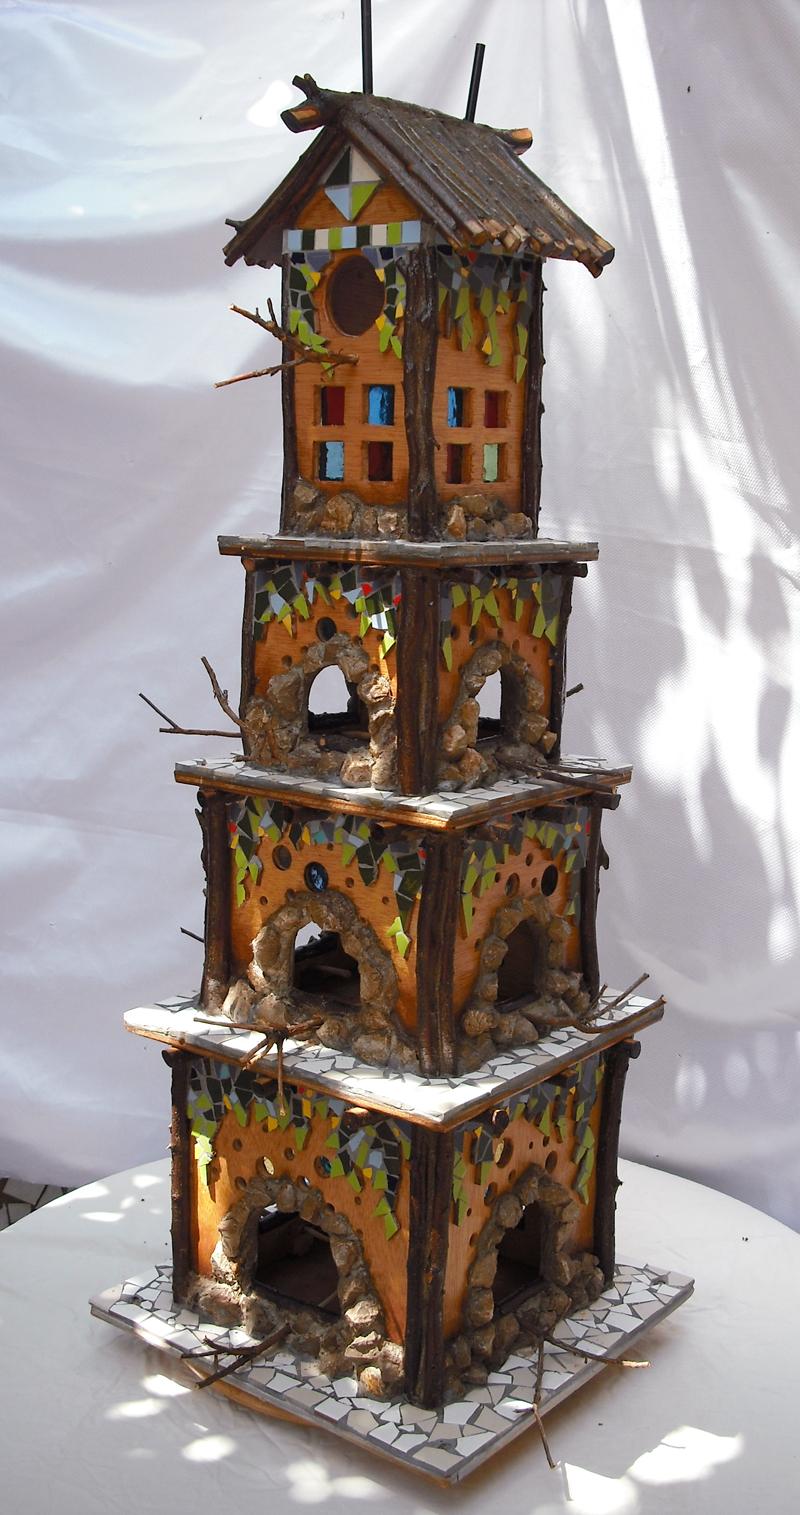 Joan seriny como hacer una casita para pajaros - Casita para pajaros ...